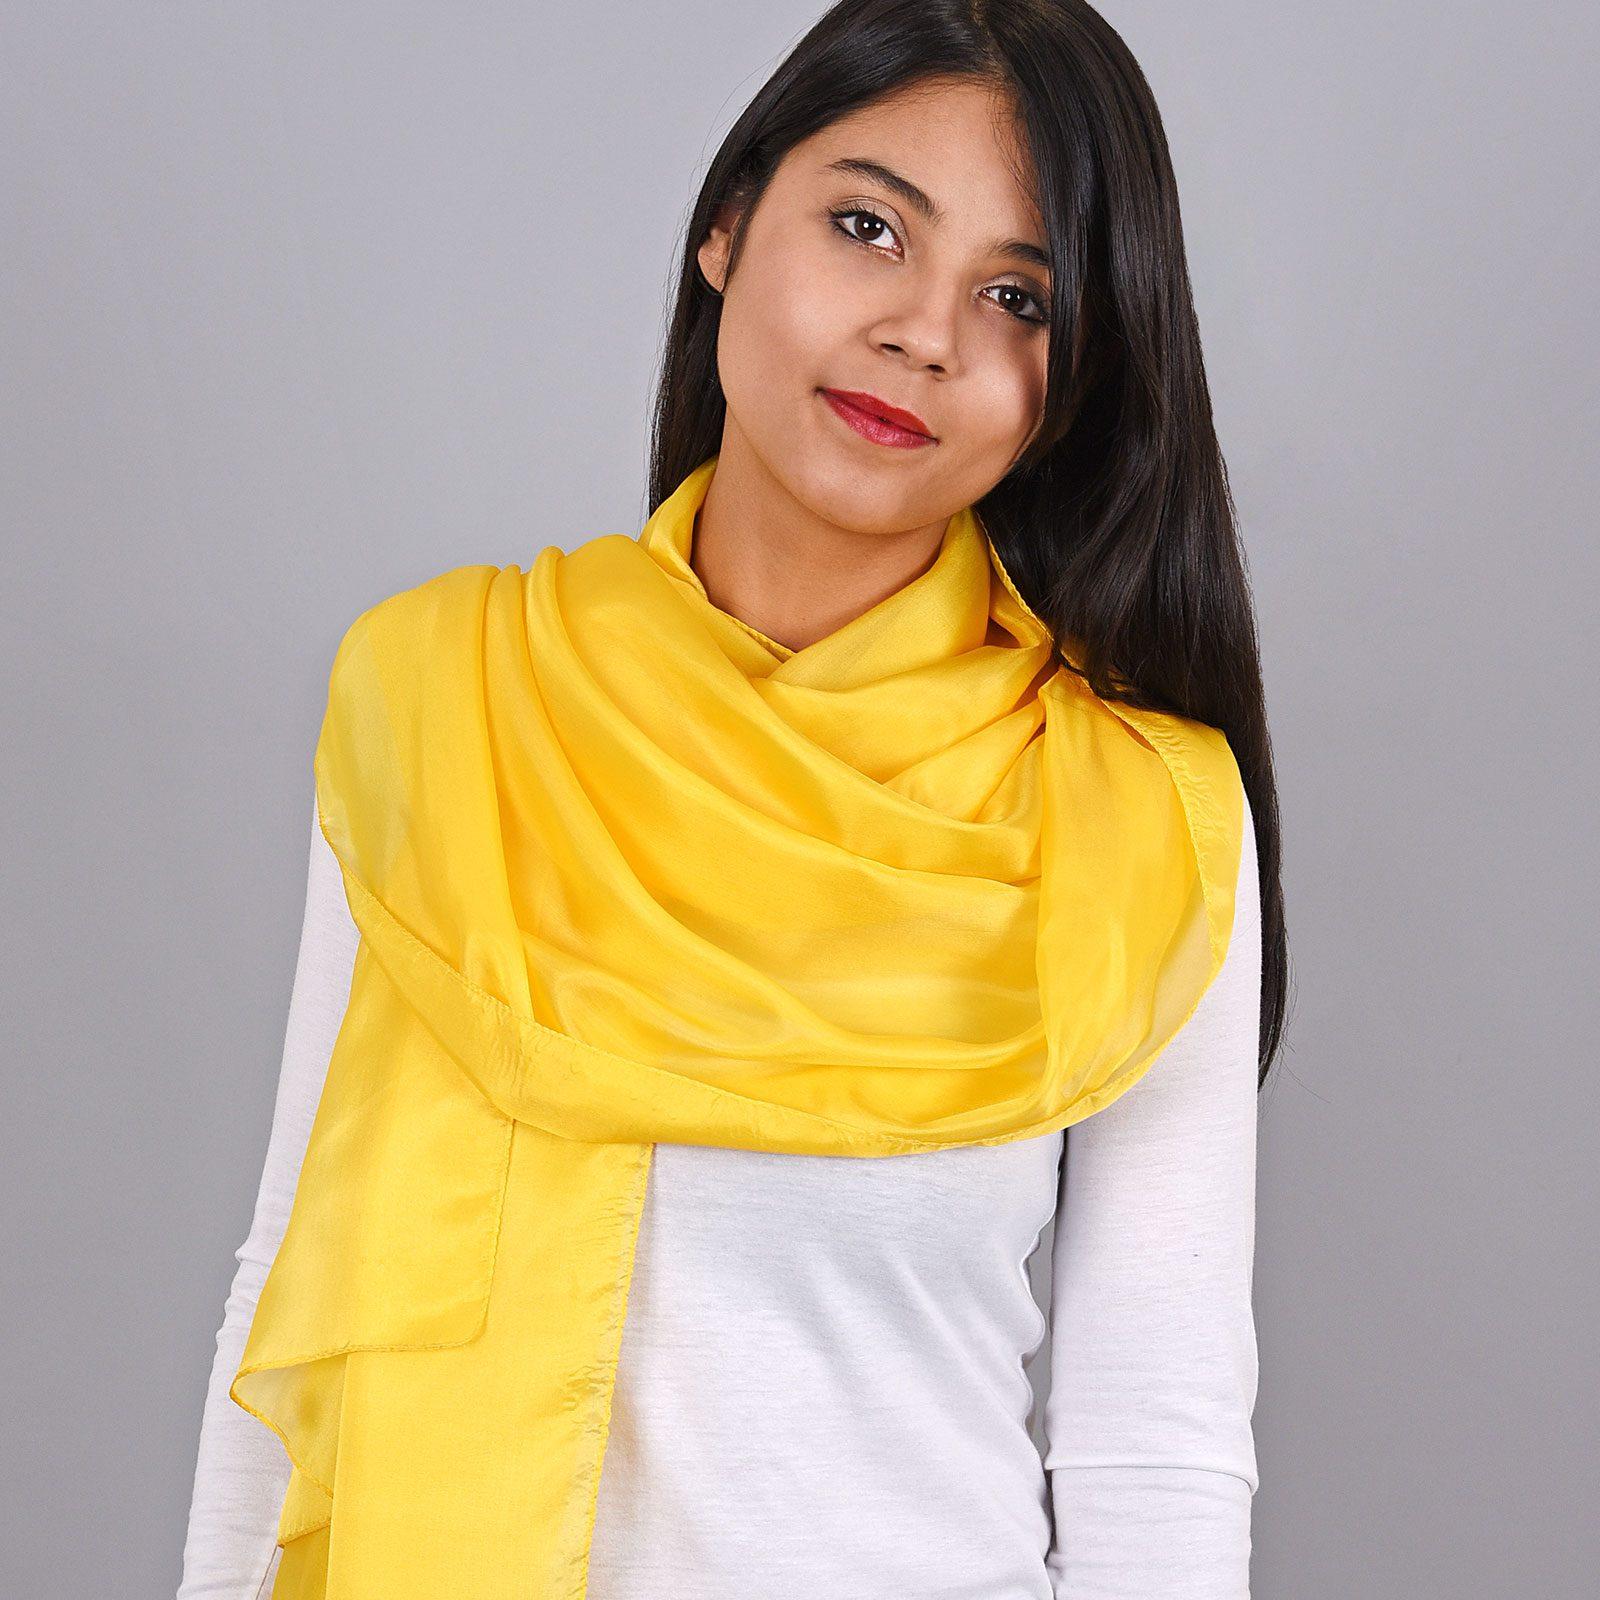 http://lookbook.allee-du-foulard.fr/wp-content/uploads/2018/11/AT-03973-VF16-1-etole-soie-femme-jaune-1600x1600.jpg